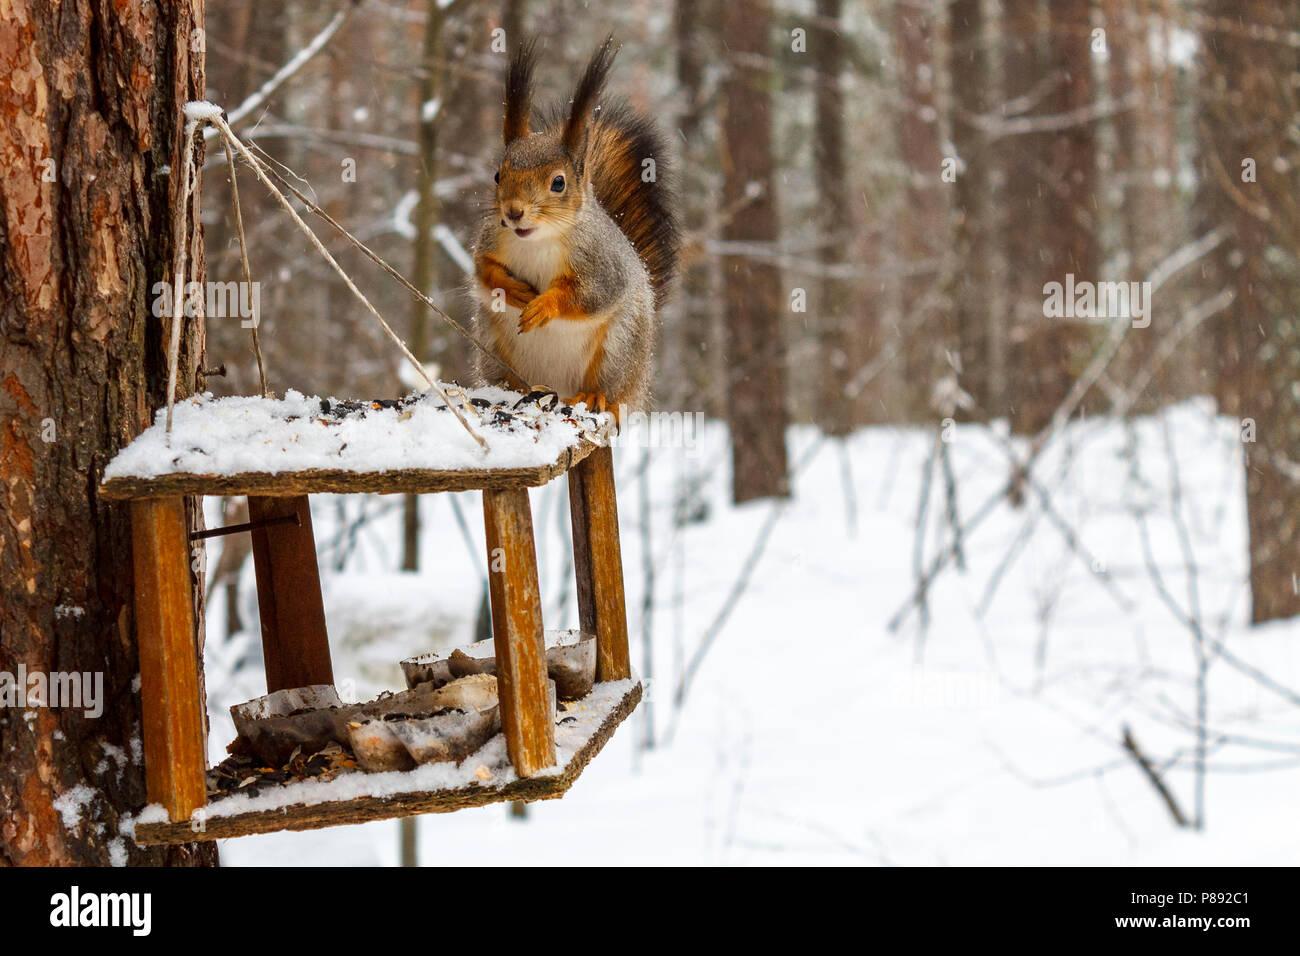 Écureuil rouge dans la forêt d'hiver se trouve sur le chargeur et il y a des graines de tournesol. Photo Stock